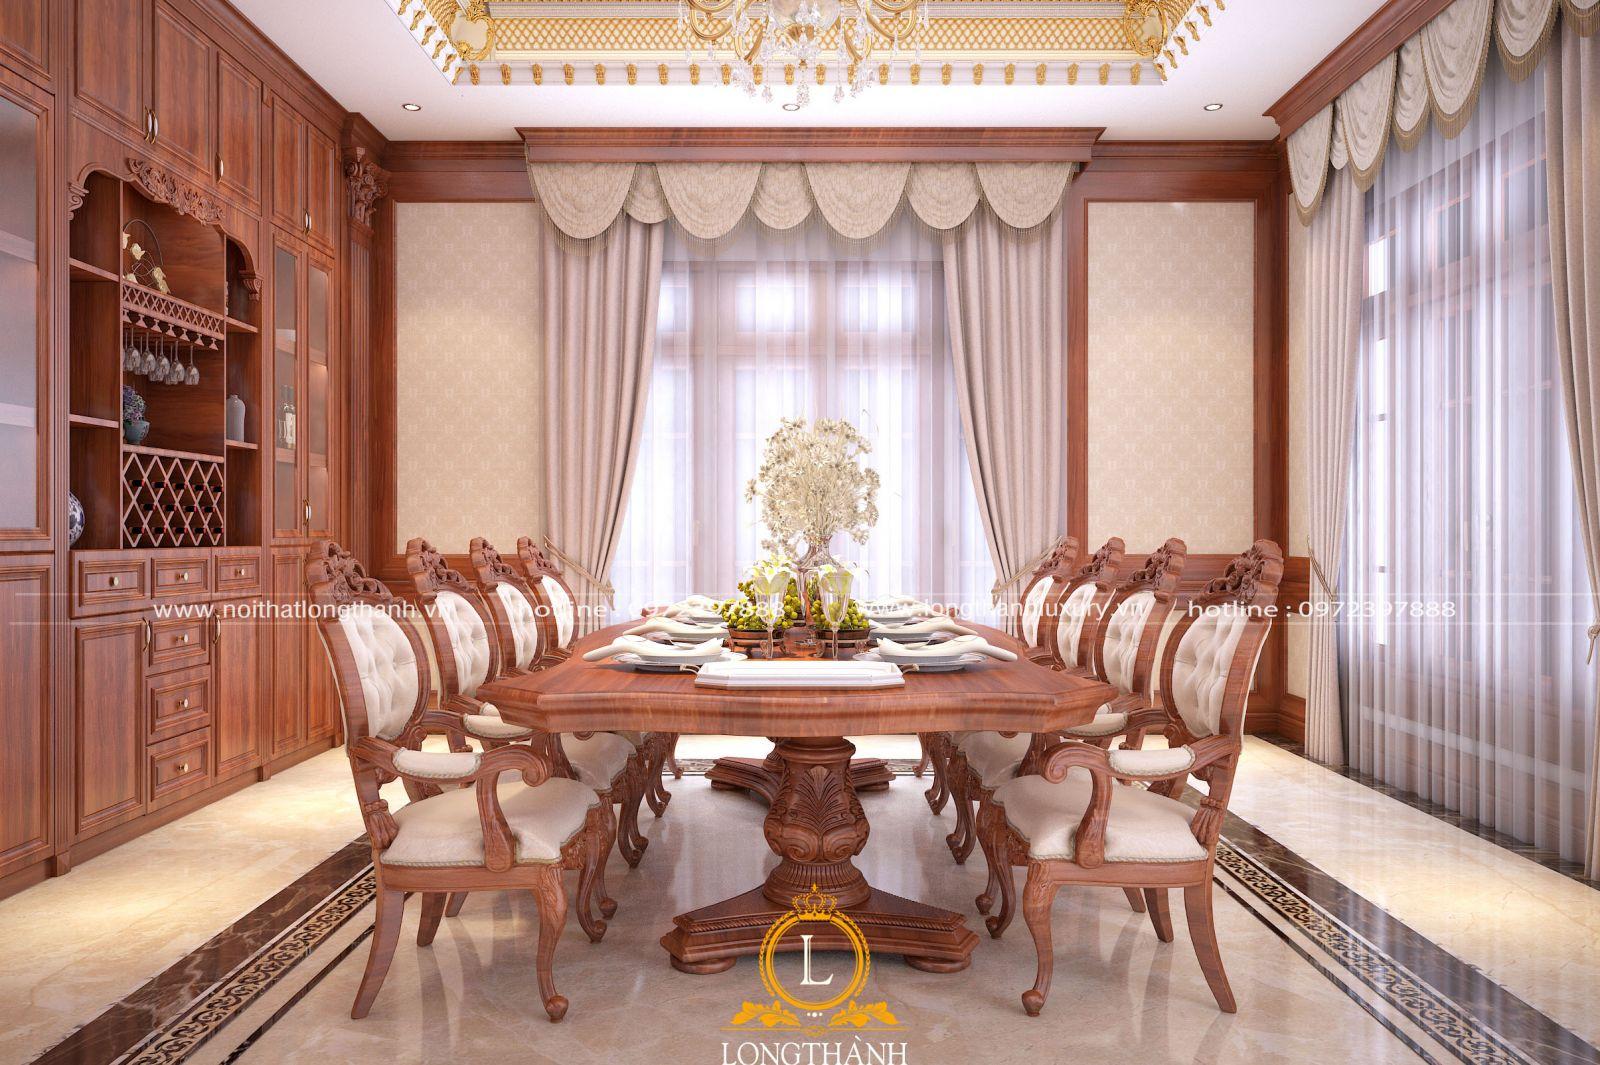 Bàn ghế ăn tân cổ điển là nơi gắn kết tình cảm gia đình